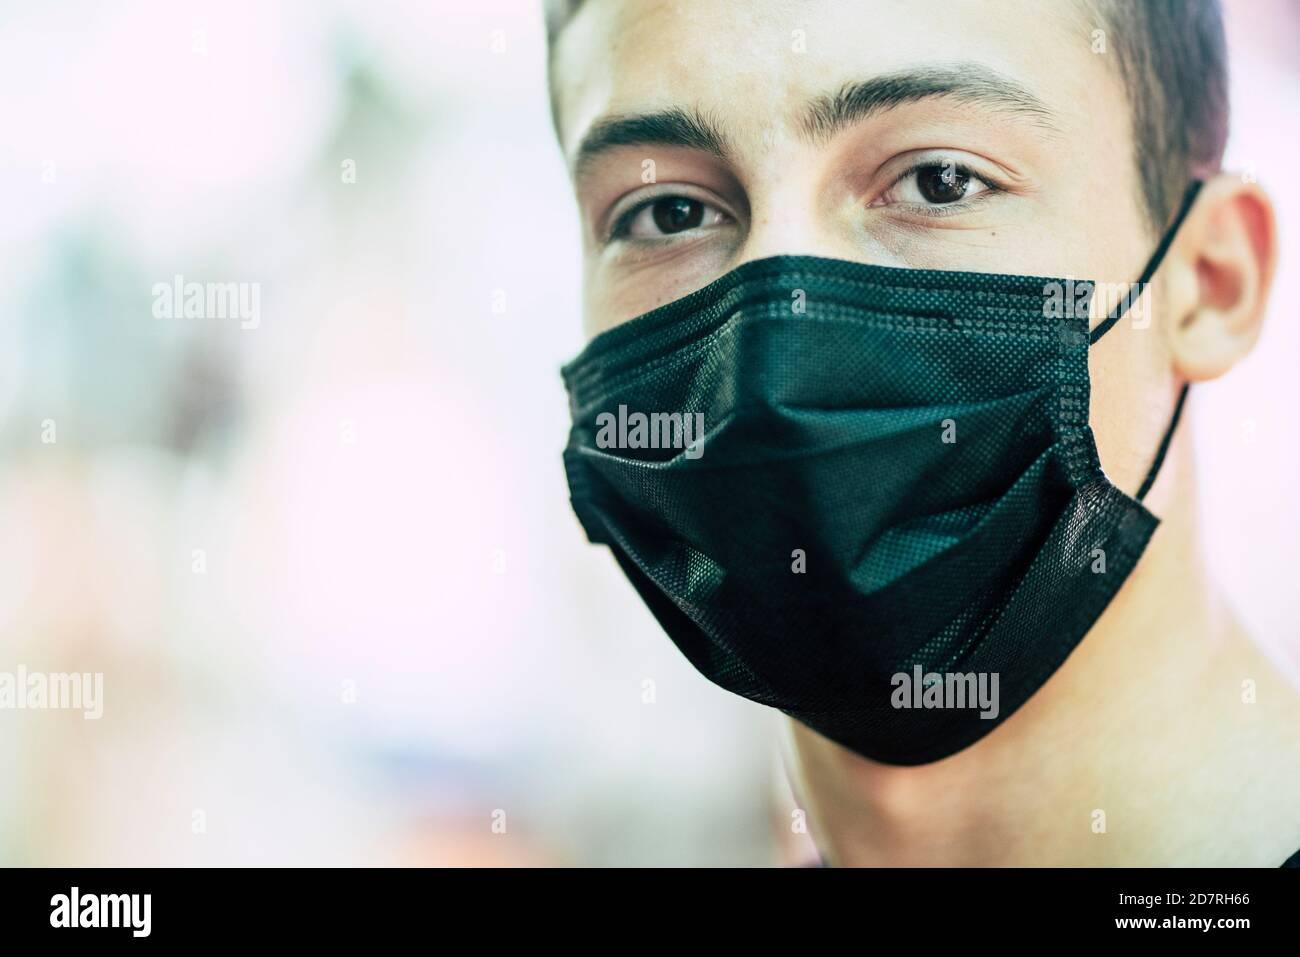 Jeune garçon caucasien adolescent ans porter un masque de protection pour Covid-19 urgence du coronavirus - portrait des personnes en période de confinement et d'épidémie pandémie c Banque D'Images